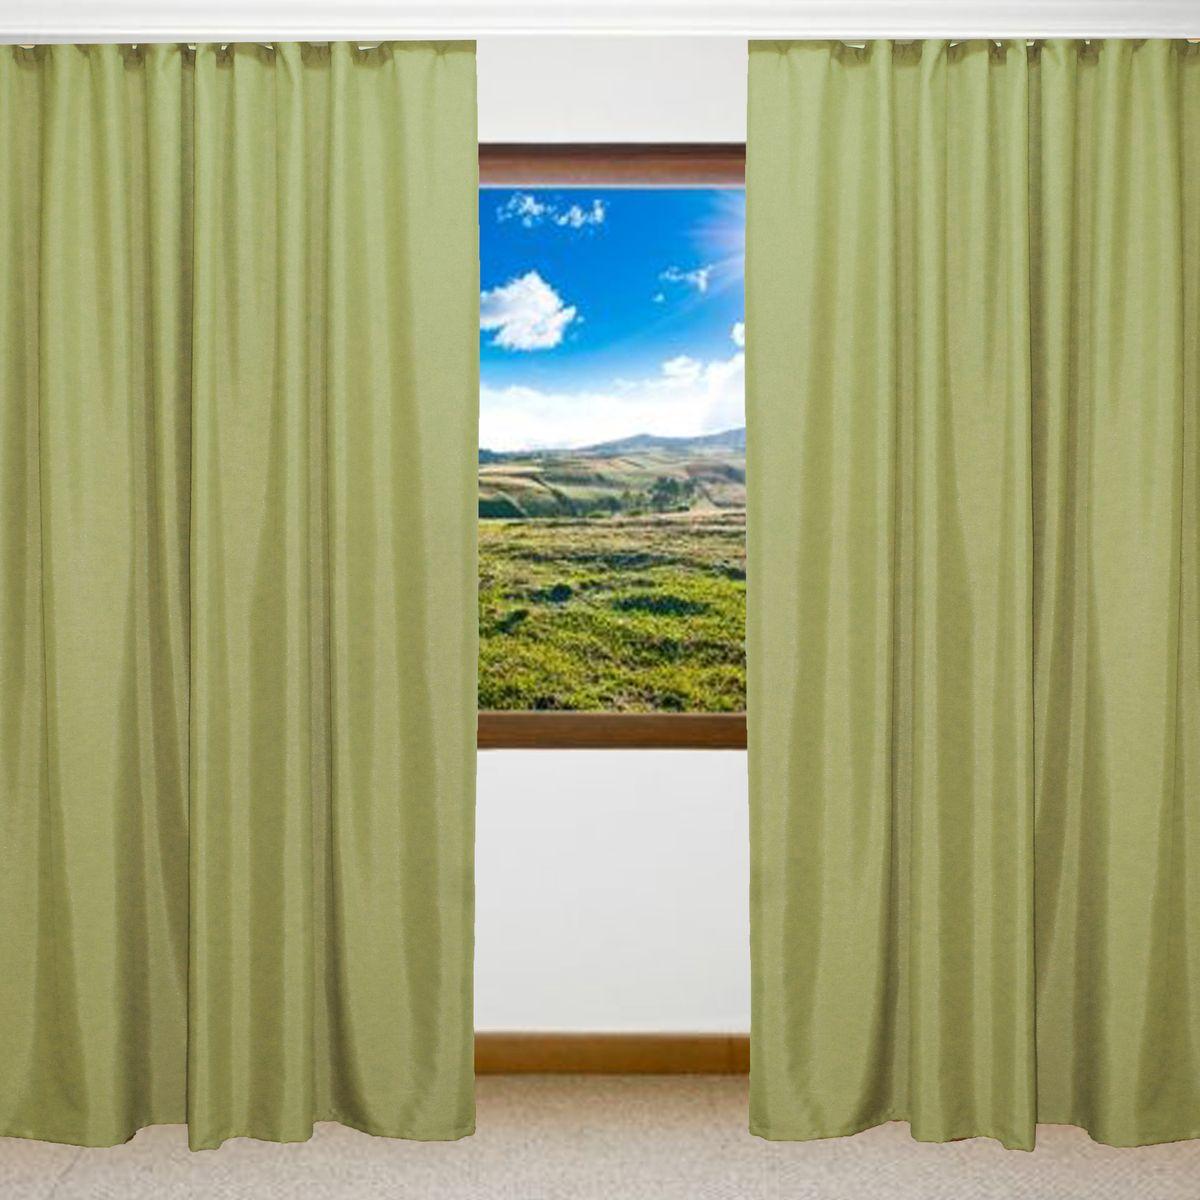 Комплект штор Amore Mio, цвет: зеленый, высота 270 см, 2 шт. RR 8152-1674445